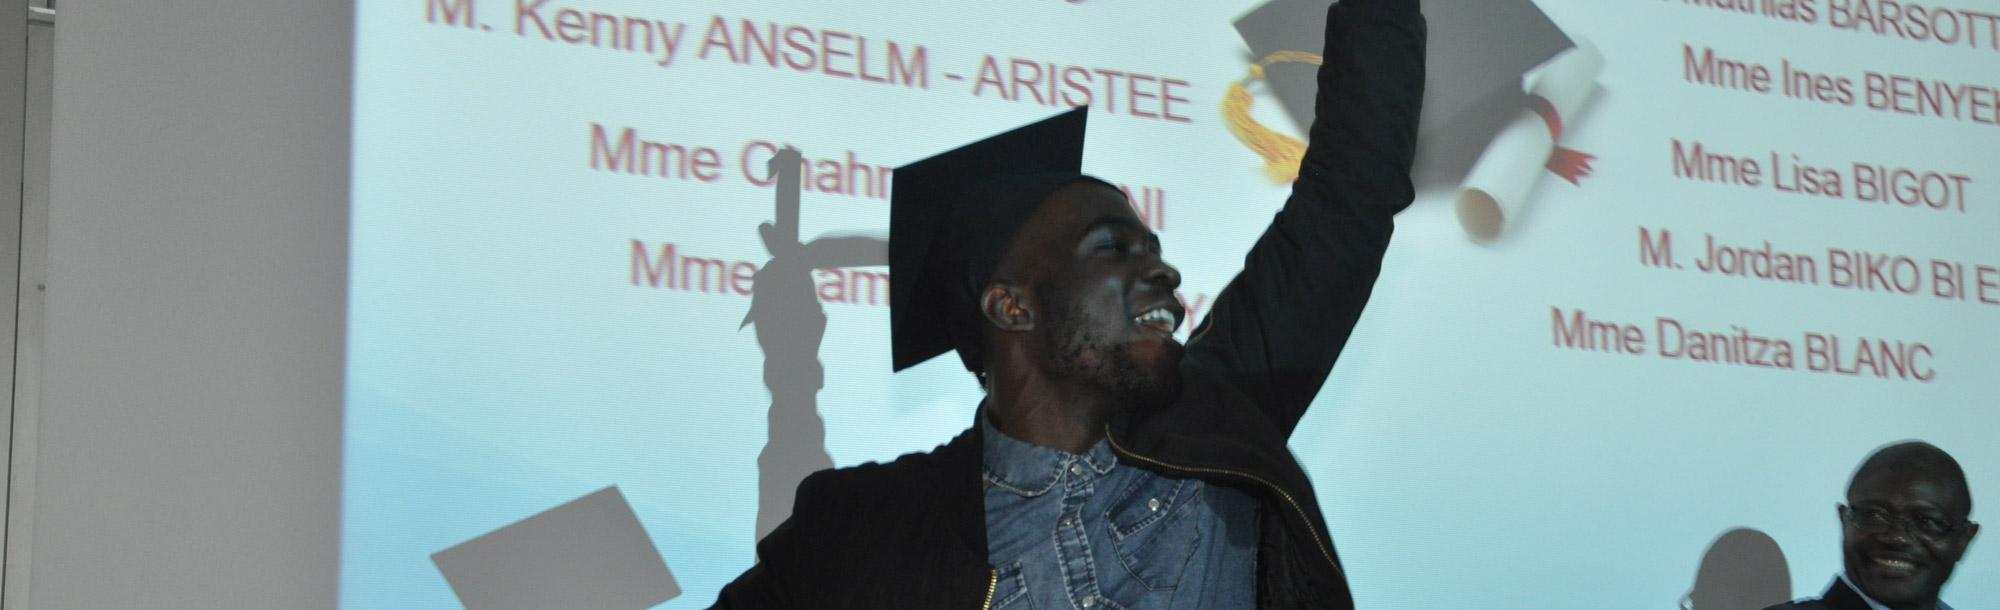 1ère cérémonie de remise des diplômes GEA